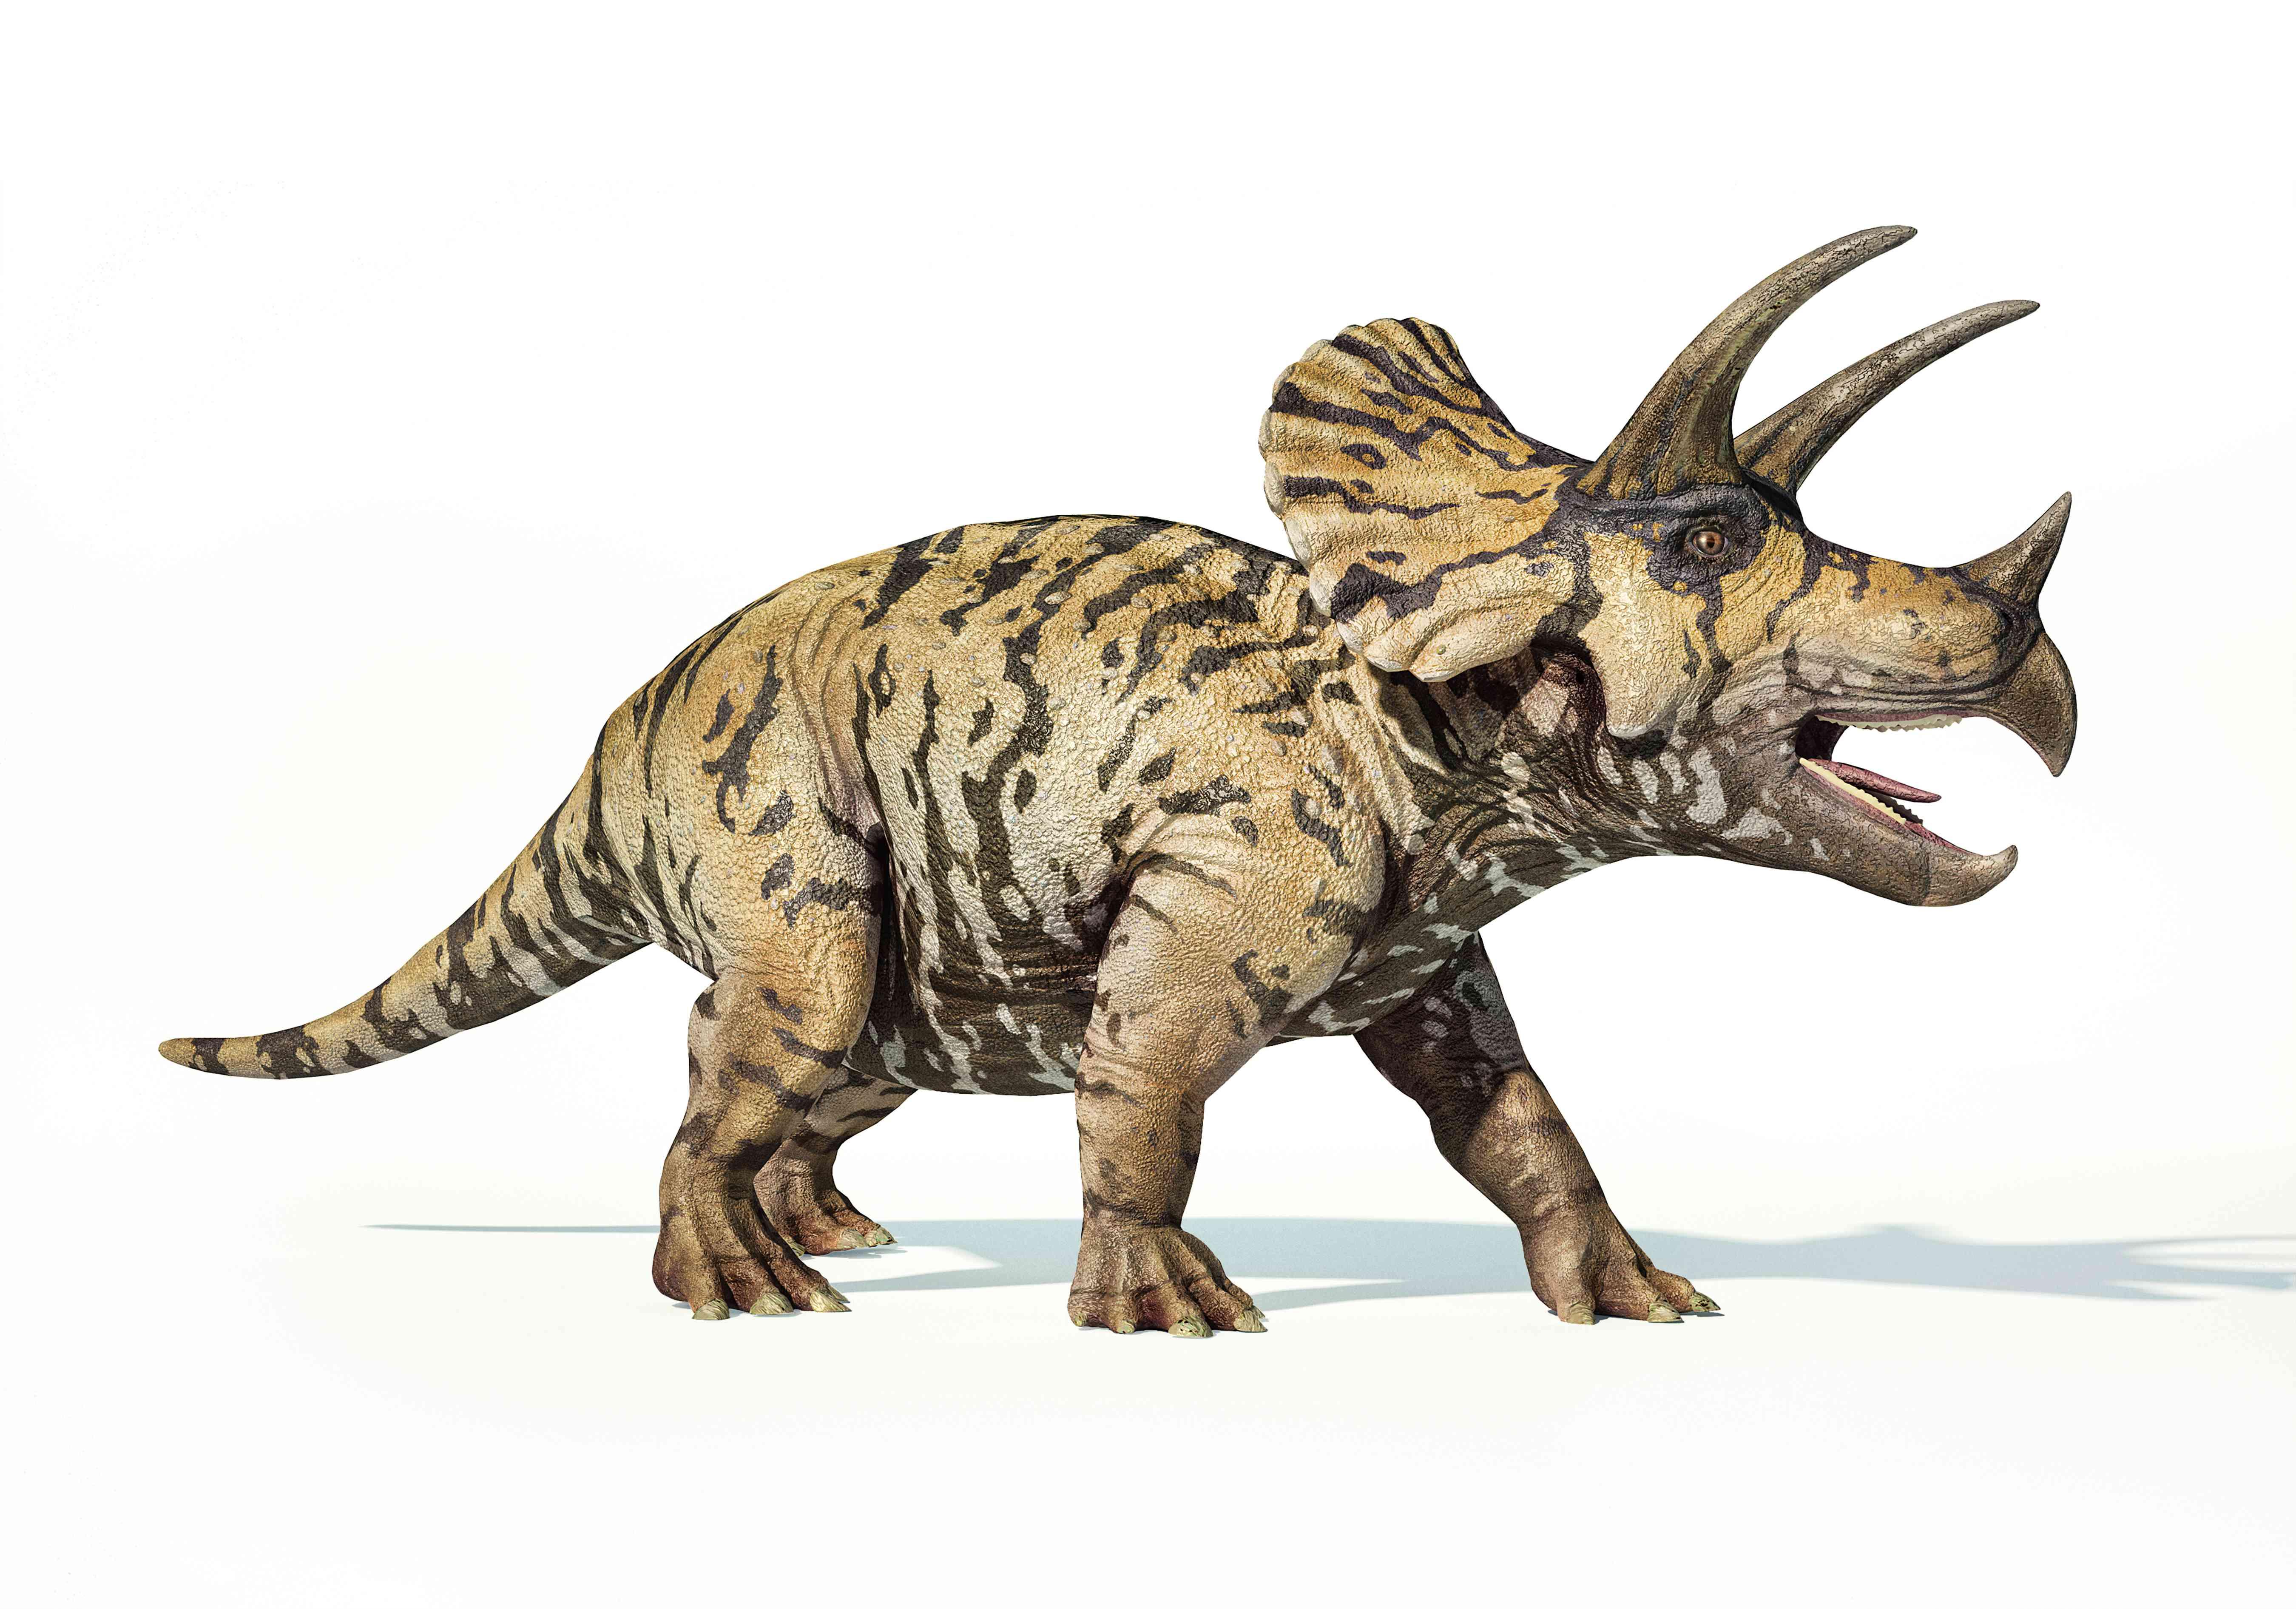 Triceratops dinosaur, illustration